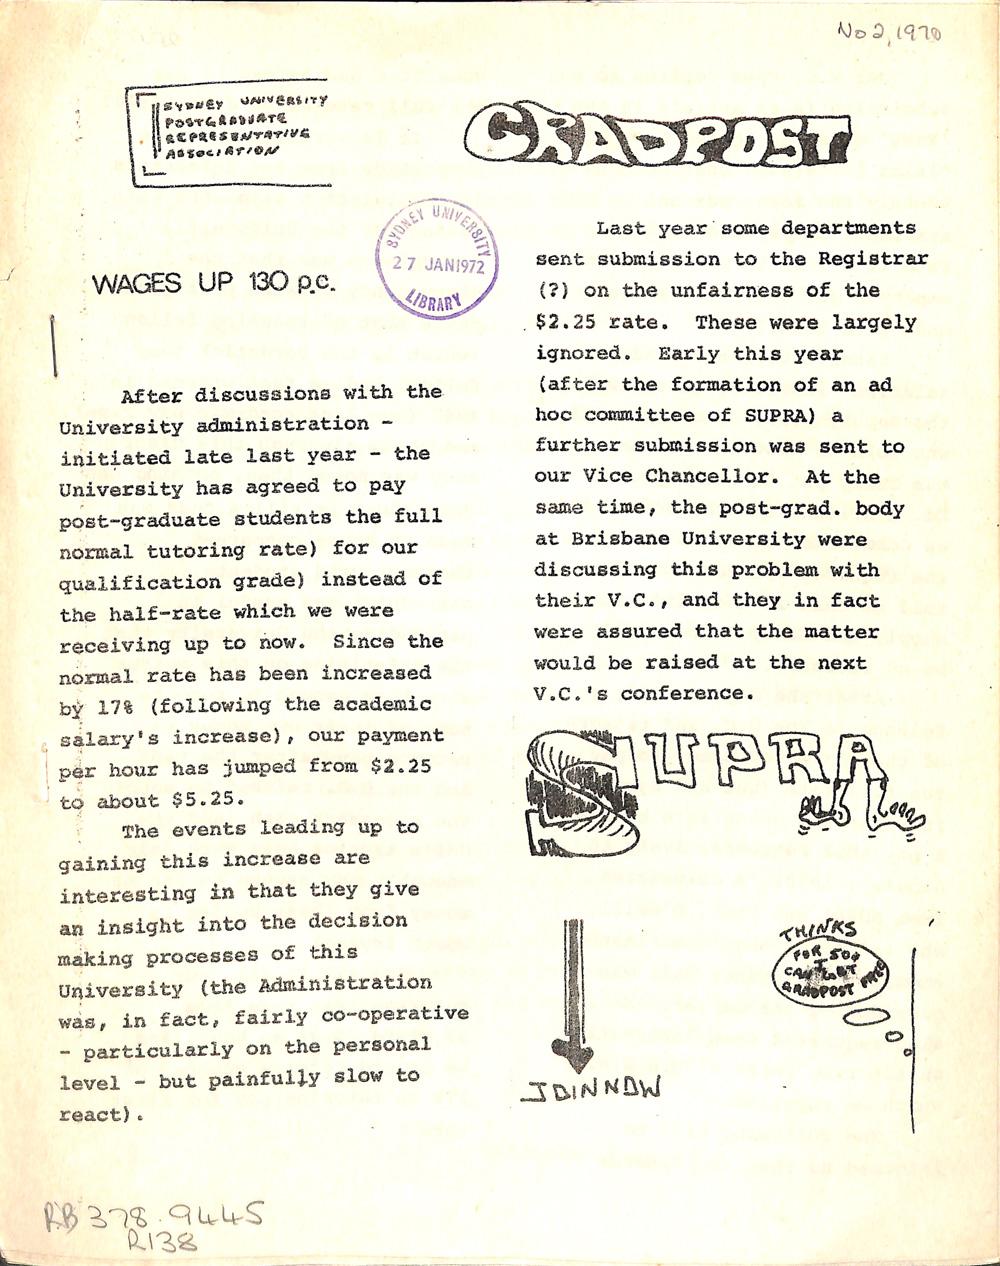 1970-grad-post-2